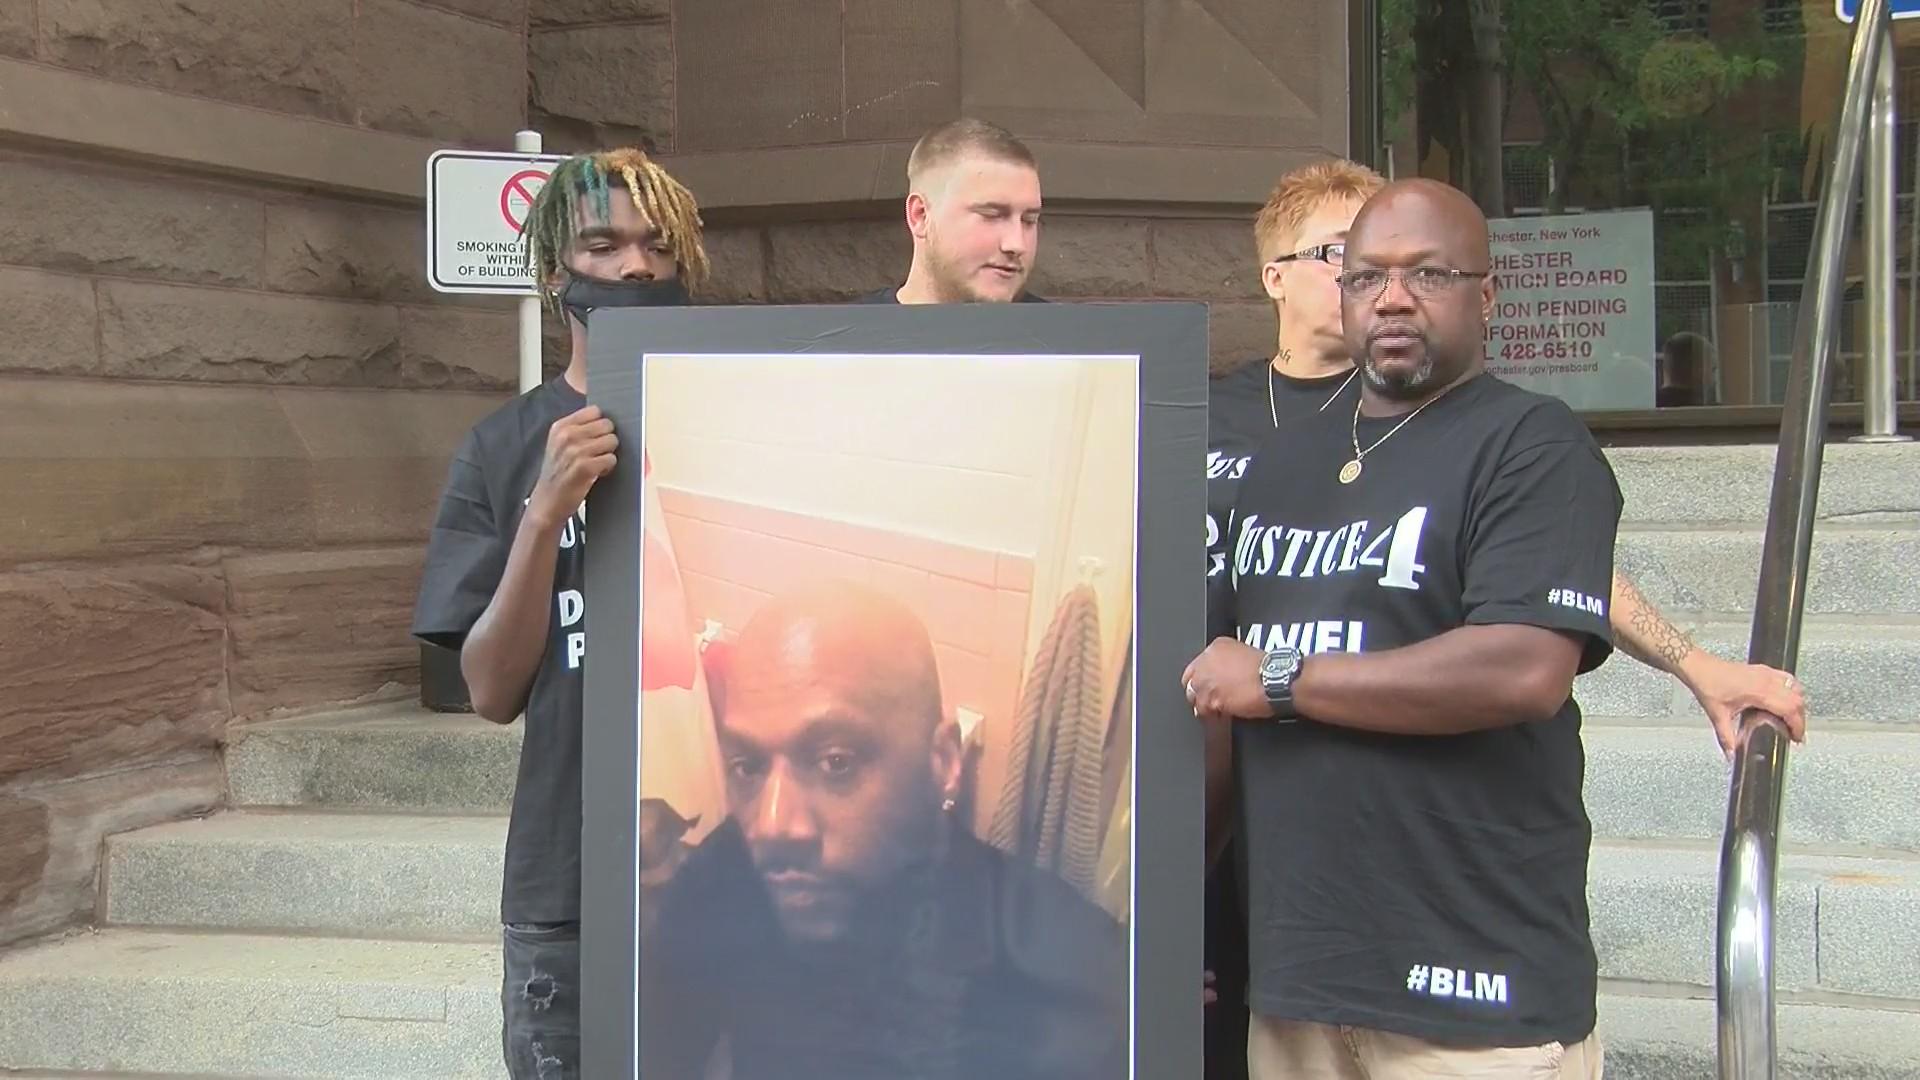 Heartbreaking video of Black man, Daniel Prudes death